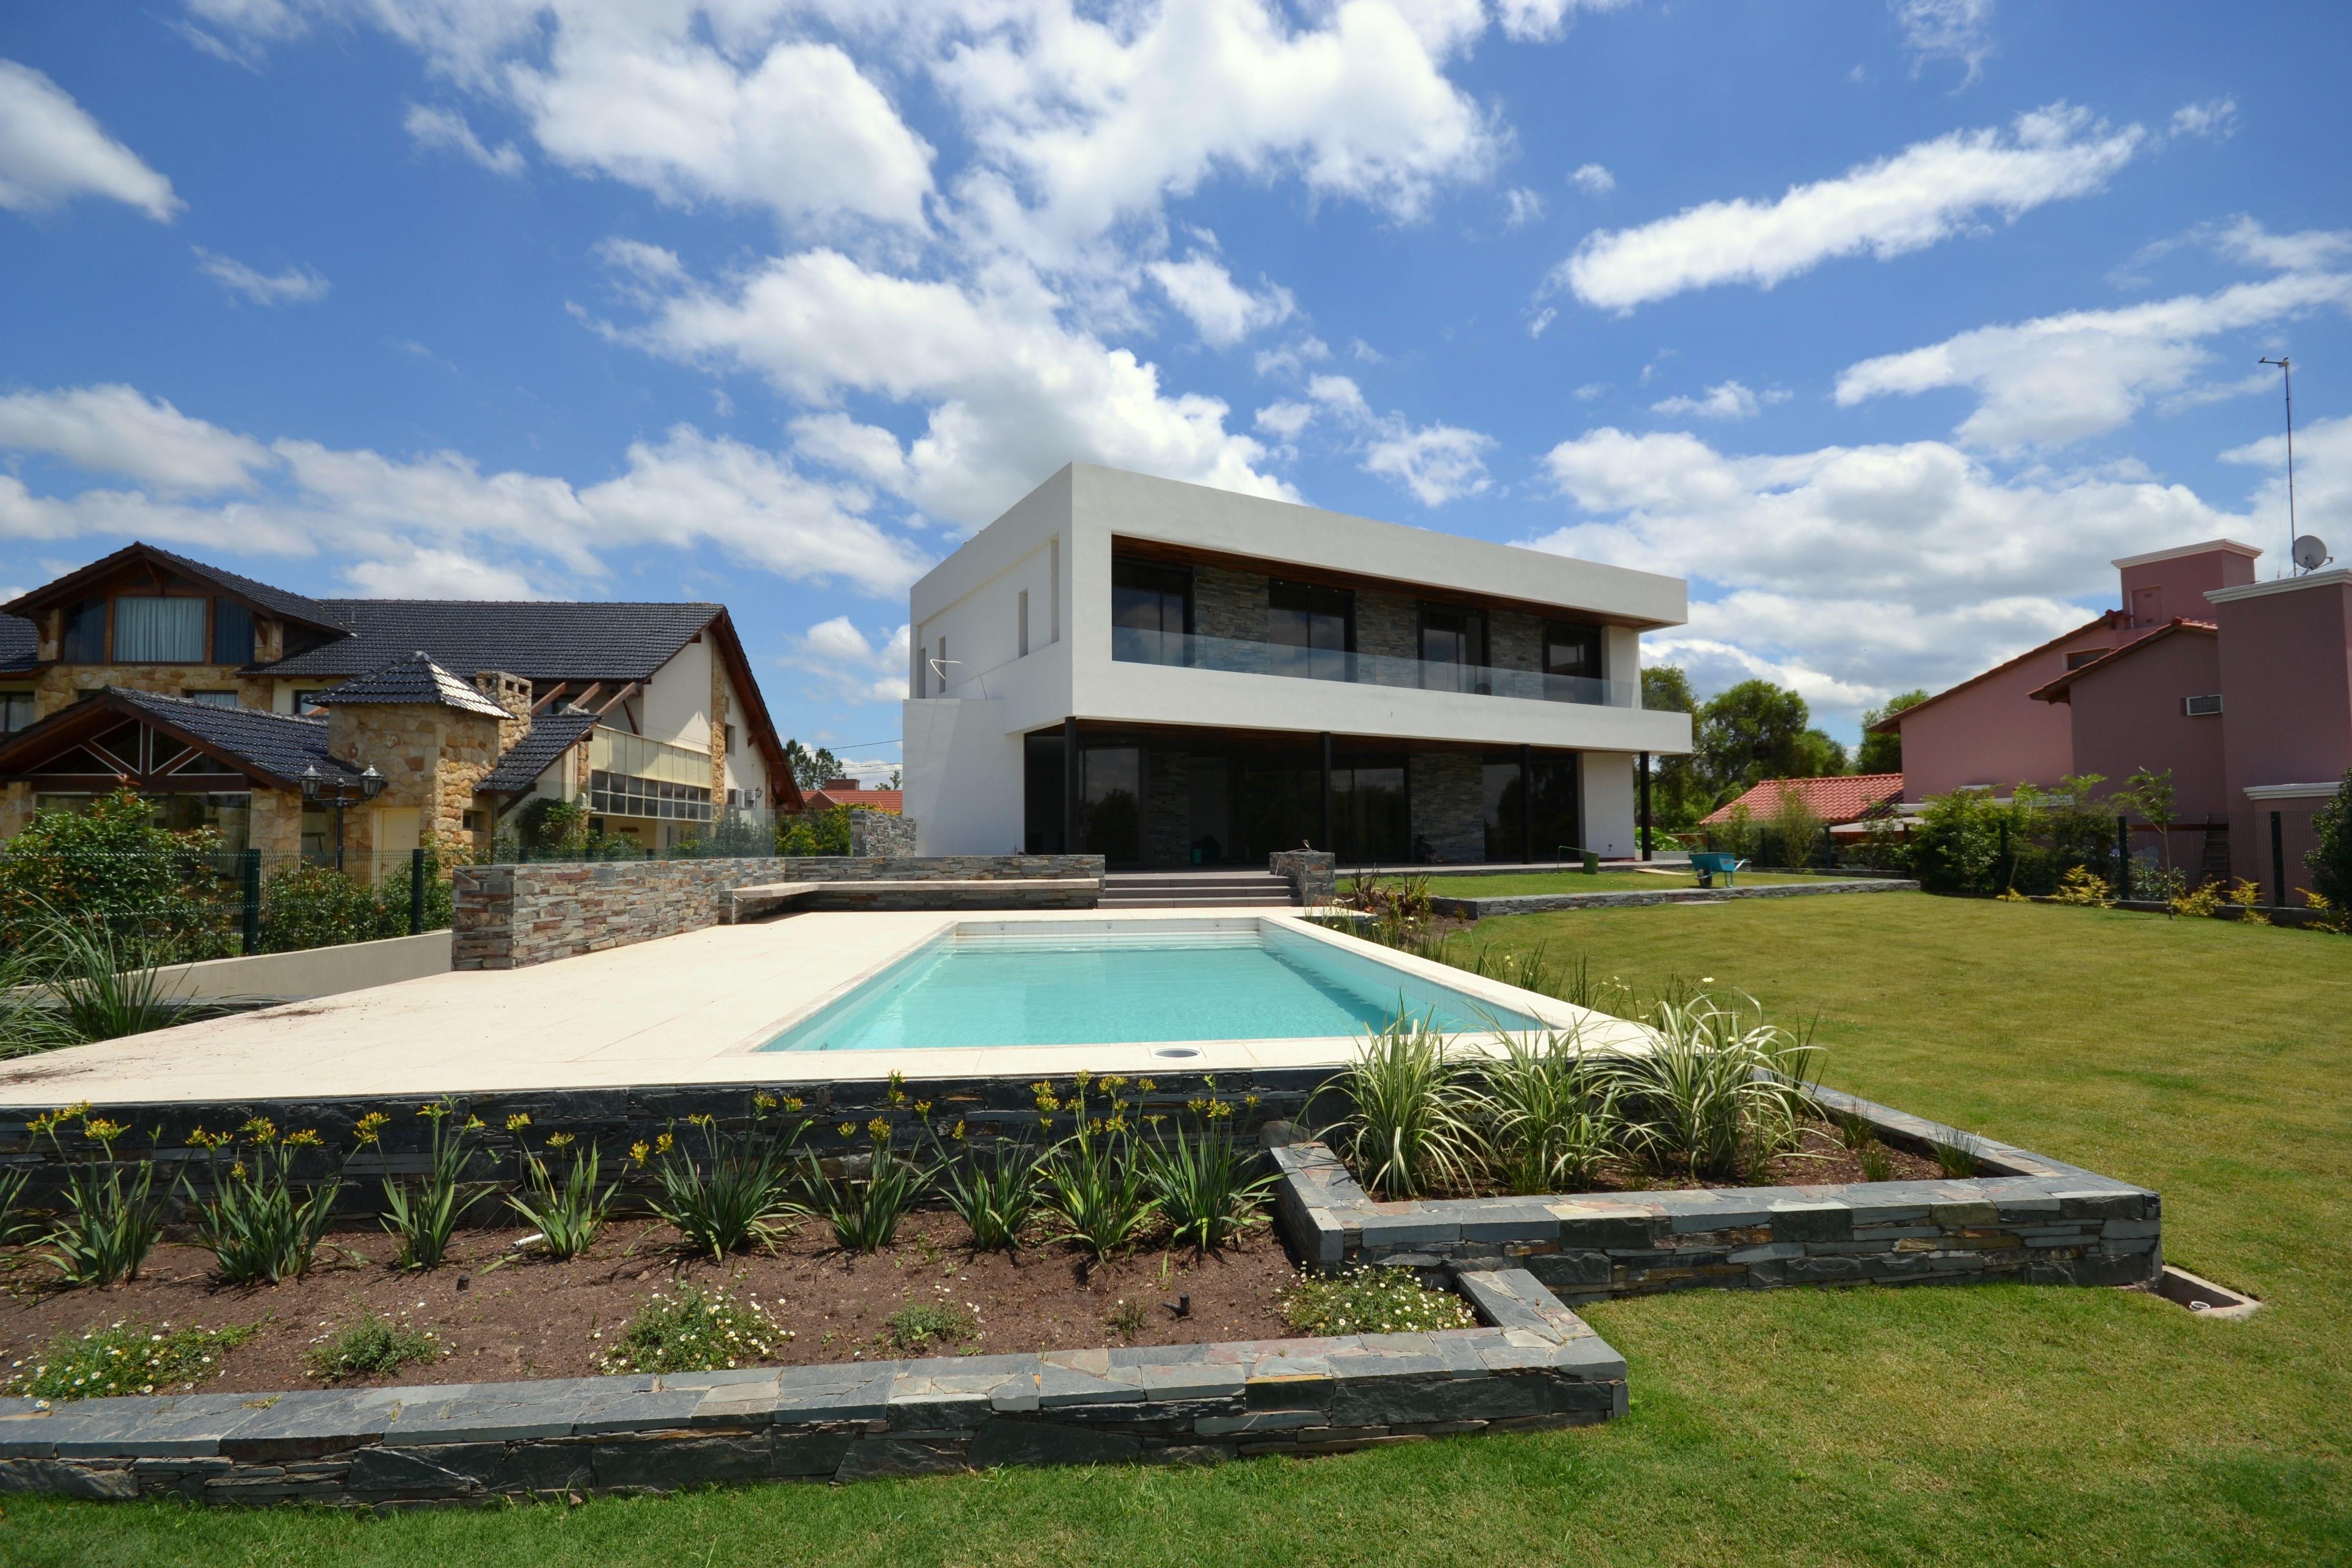 Piscinas arquitectura dise o personalizado cantero for Normativa de diseno de piscinas